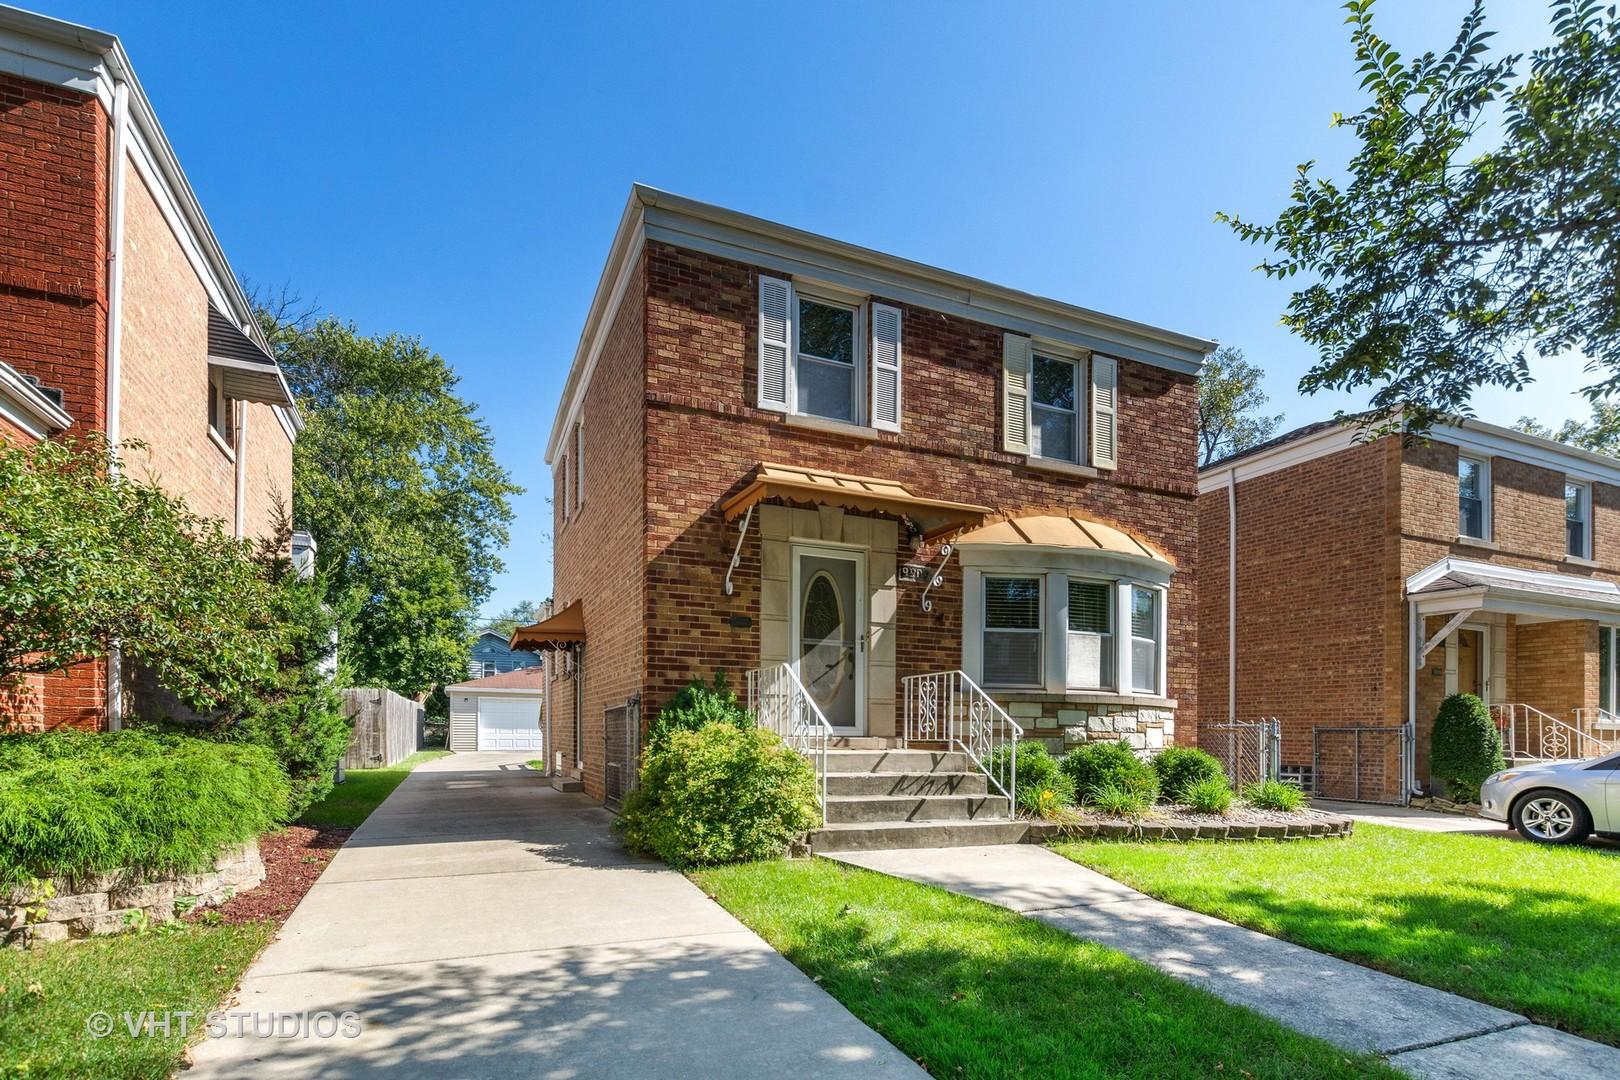 9909 S Maplewood Exterior Photo